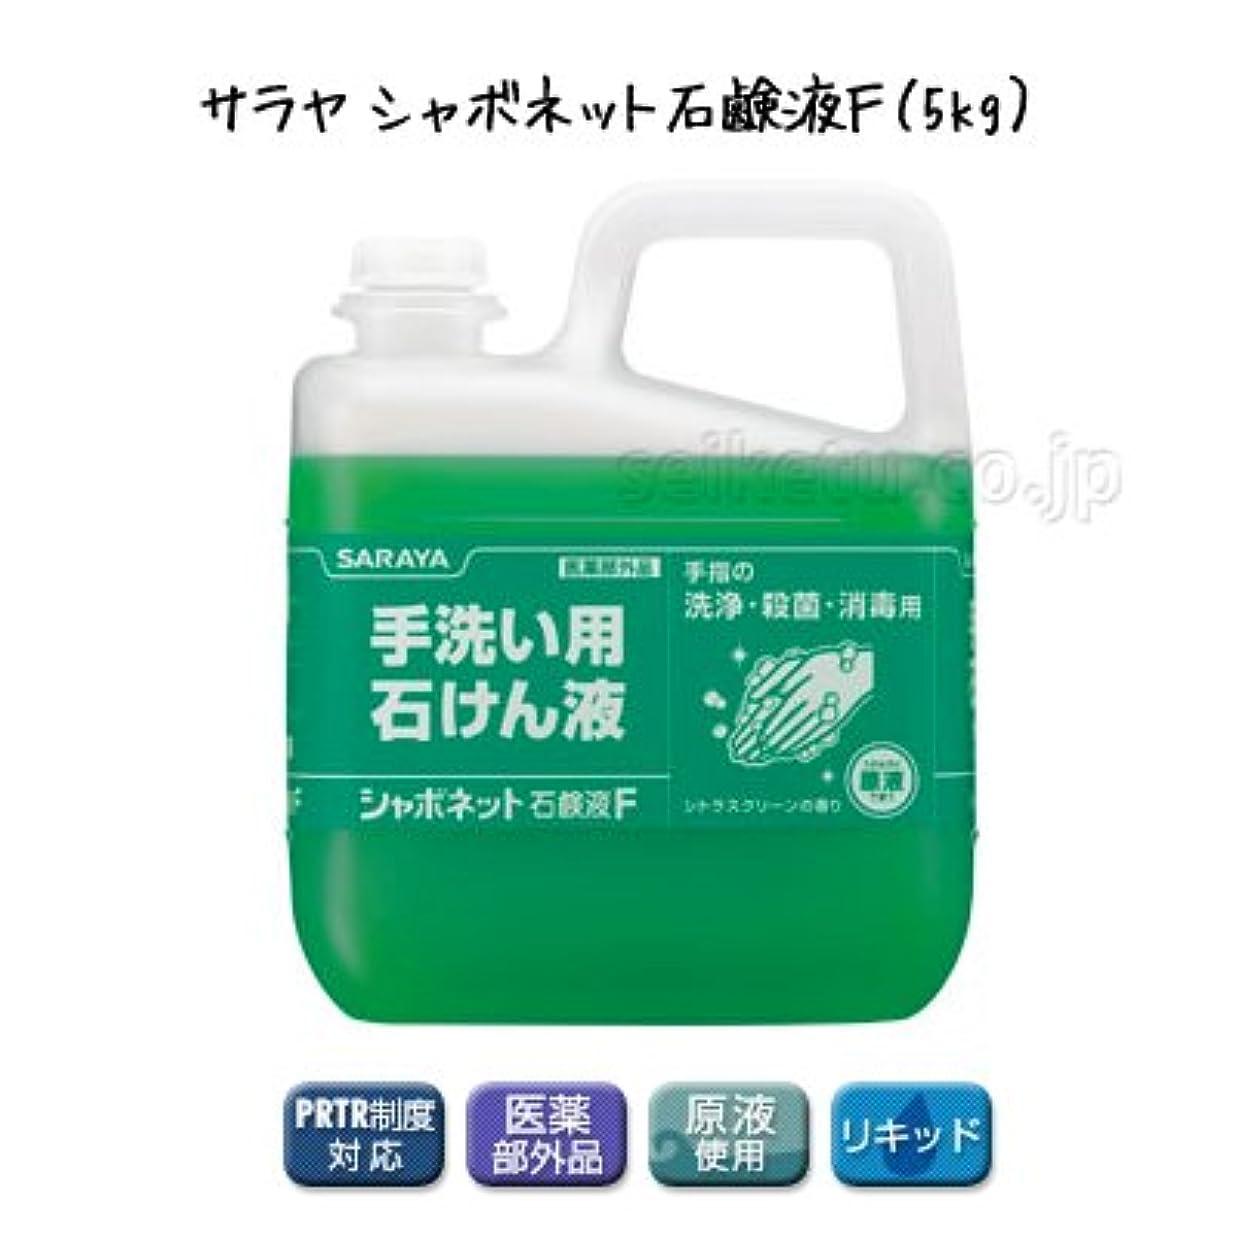 銃弱い暴露する【清潔キレイ館】サラヤ シャボネット石鹸液F(5kg)